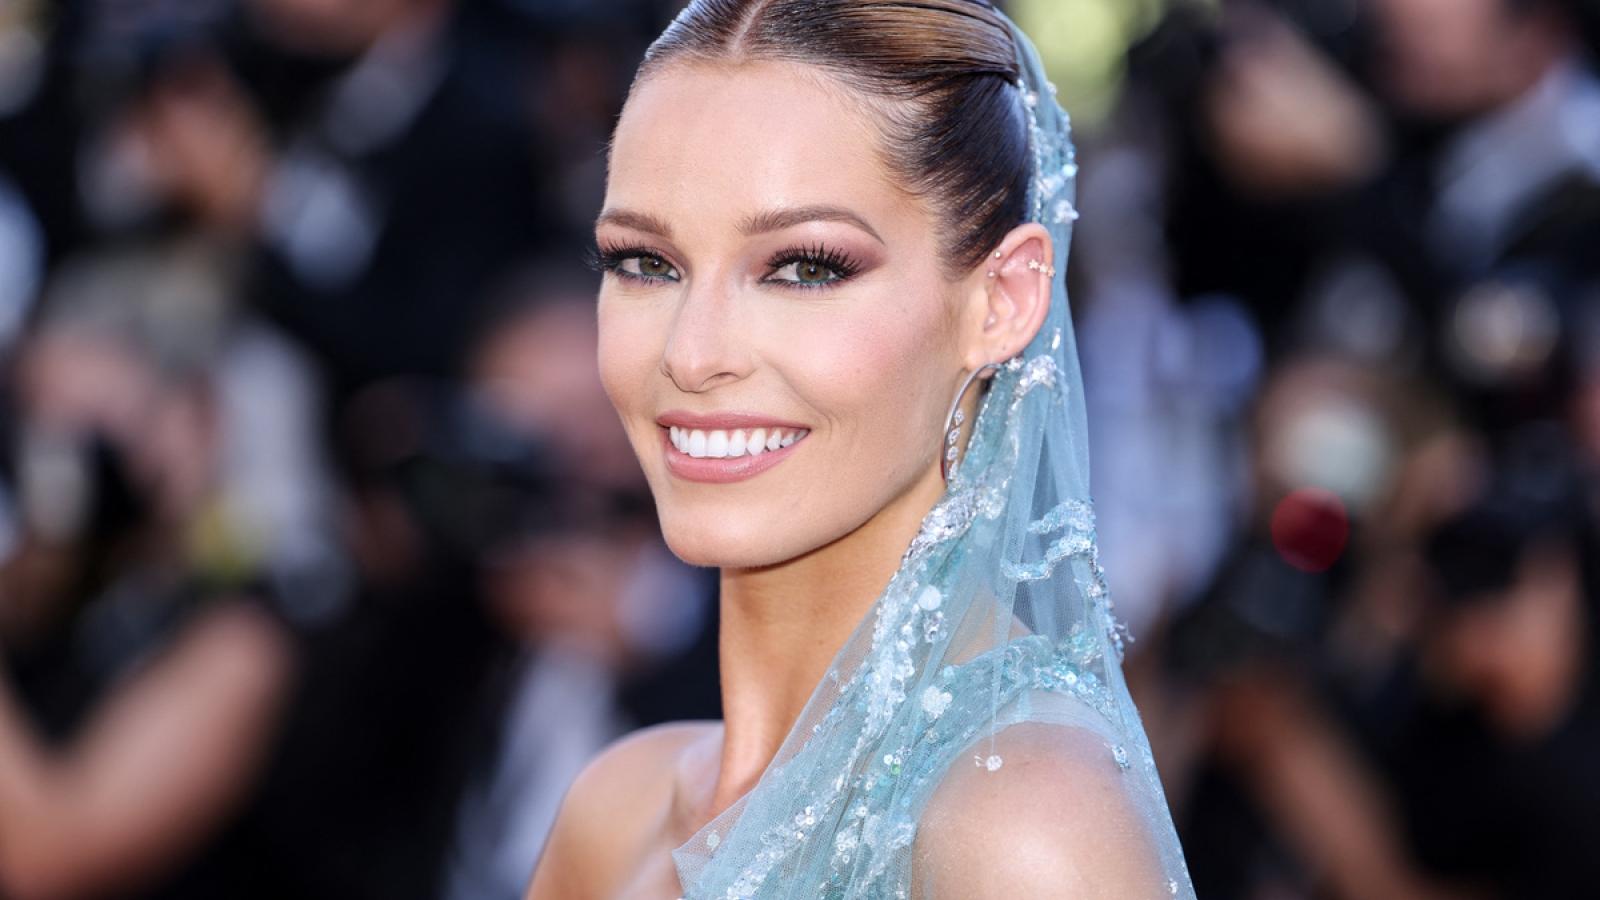 Hoa hậu Pháp 2018 diện đầm xuyên thấu, đọ sắc với dàn mỹ nhân trên thảm đỏ Cannes